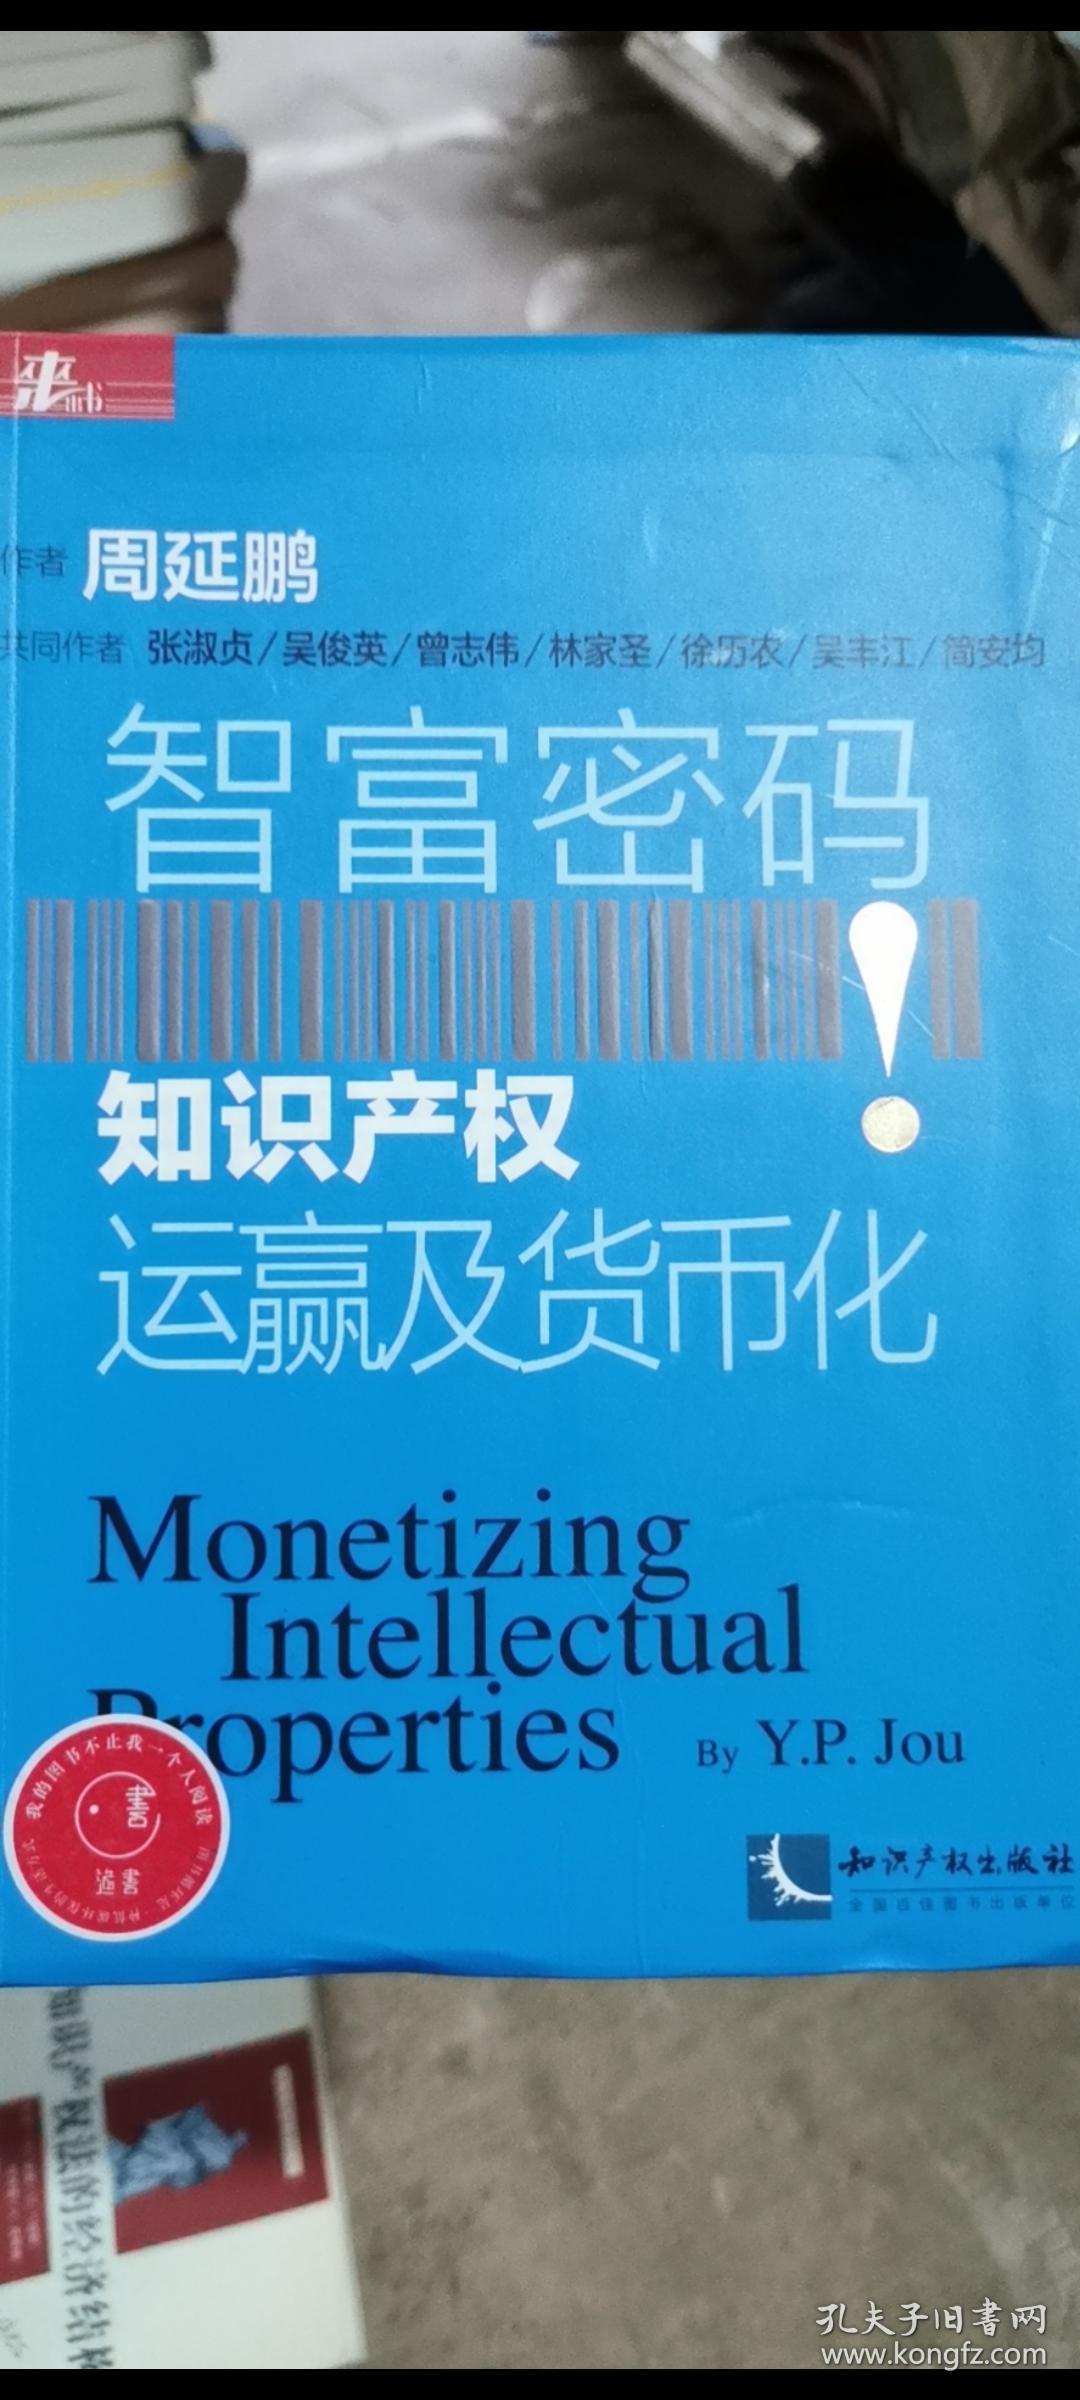 智富密码——知识产权运赢及货币化